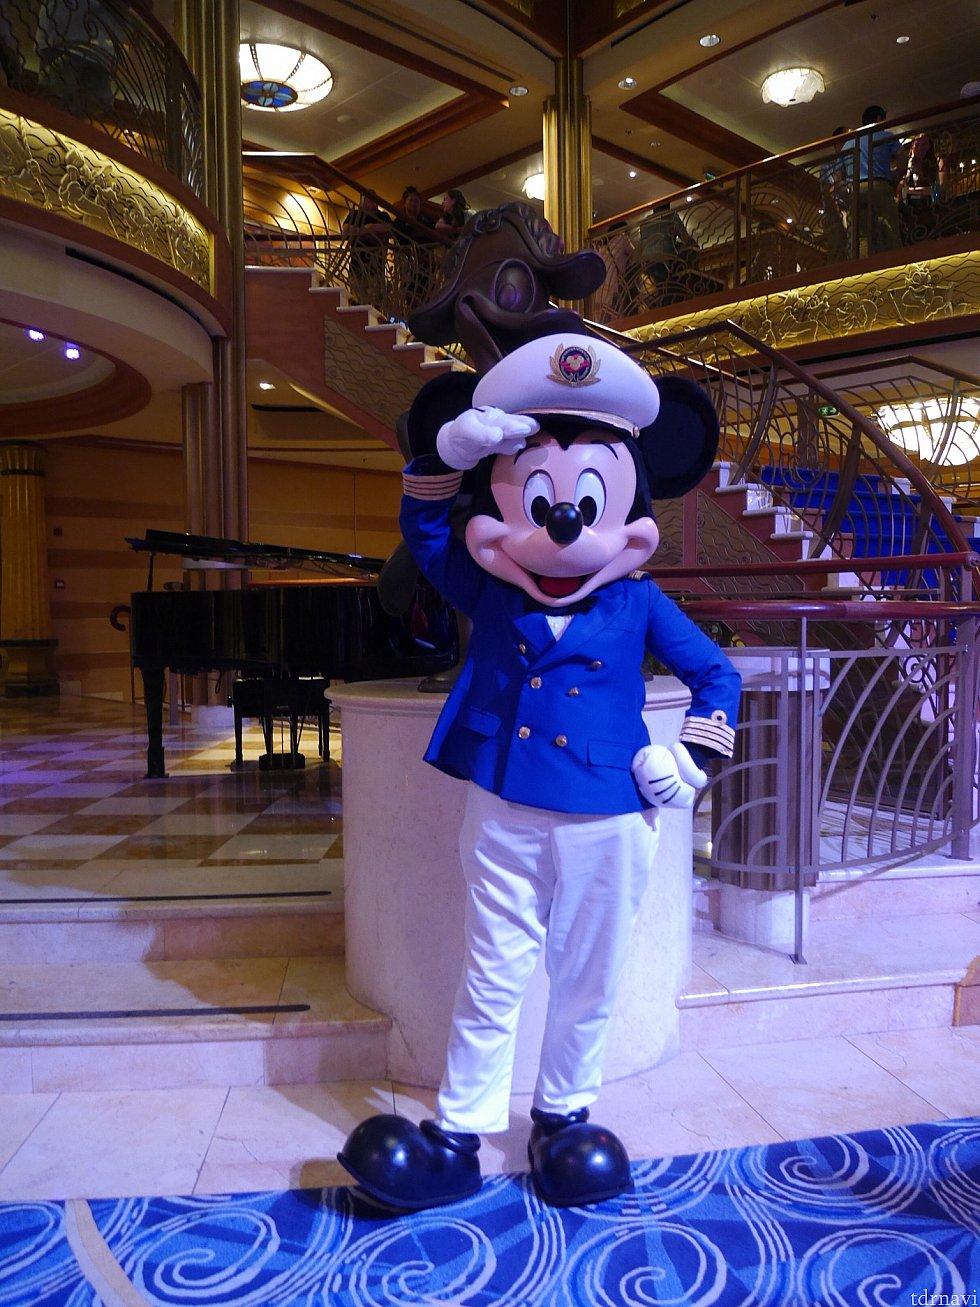 念願の船長ミッキー!このミッキーに会いにきたと言っても過言ではない旅だったので無事にグリーティングができて良かったです。